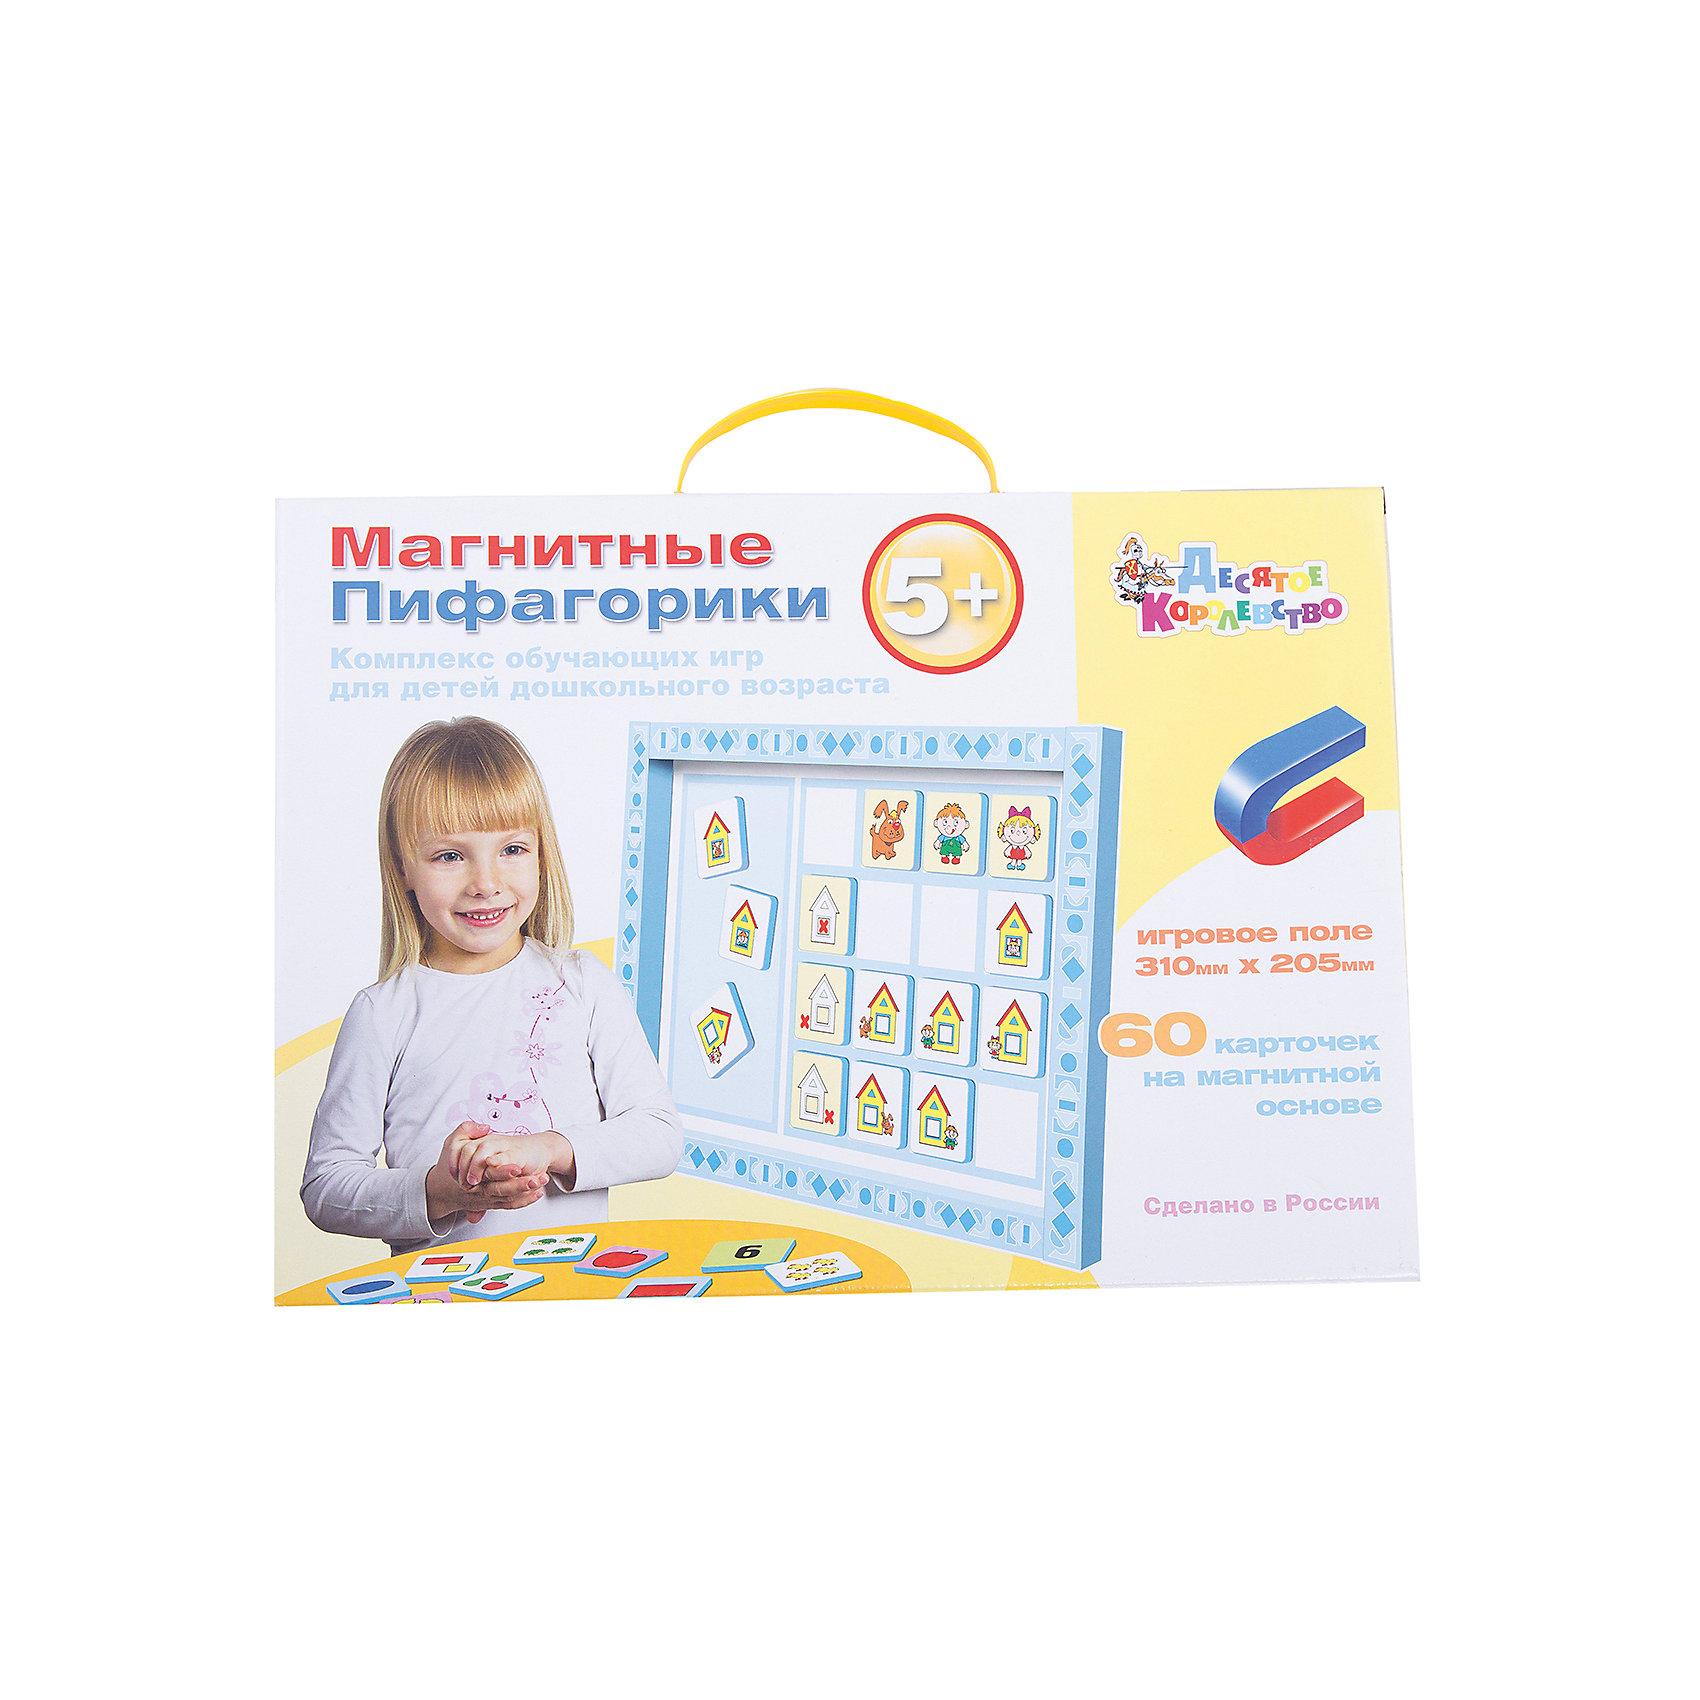 Набор Магнитные Пифагорики 5+, Десятое королевствоНабор Магнитные Пифагорики 5+, Десятое королевство<br><br>Характеристики: <br><br>• Возраст: от 5 лет<br>• Материал: вспененный полимер, магнит, картон<br>• В комплекте: Игровое поле, 60 карточек на магнитной основе, инструкция на русском языке<br><br>Этот набор позволяет в удобной игровой форме обучить ребенка основным цветам, пониманию формы предметов и их размеров. В наборе содержится магнитное игровое поле, 60 карточек, а так же буклет с 5 вариантами игр. Наиболее эффективным набор будет, если использовать его для работы с ребенком от 5 лет. В процессе игры с приятными на ощупь карточками, малыши быстрее обучаются и схватывают материал.<br><br>Набор Магнитные Пифагорики 5+, Десятое королевство можно купить в нашем интернет-магазине.<br><br>Ширина мм: 364<br>Глубина мм: 263<br>Высота мм: 34<br>Вес г: 612<br>Возраст от месяцев: 60<br>Возраст до месяцев: 84<br>Пол: Унисекс<br>Возраст: Детский<br>SKU: 5473735